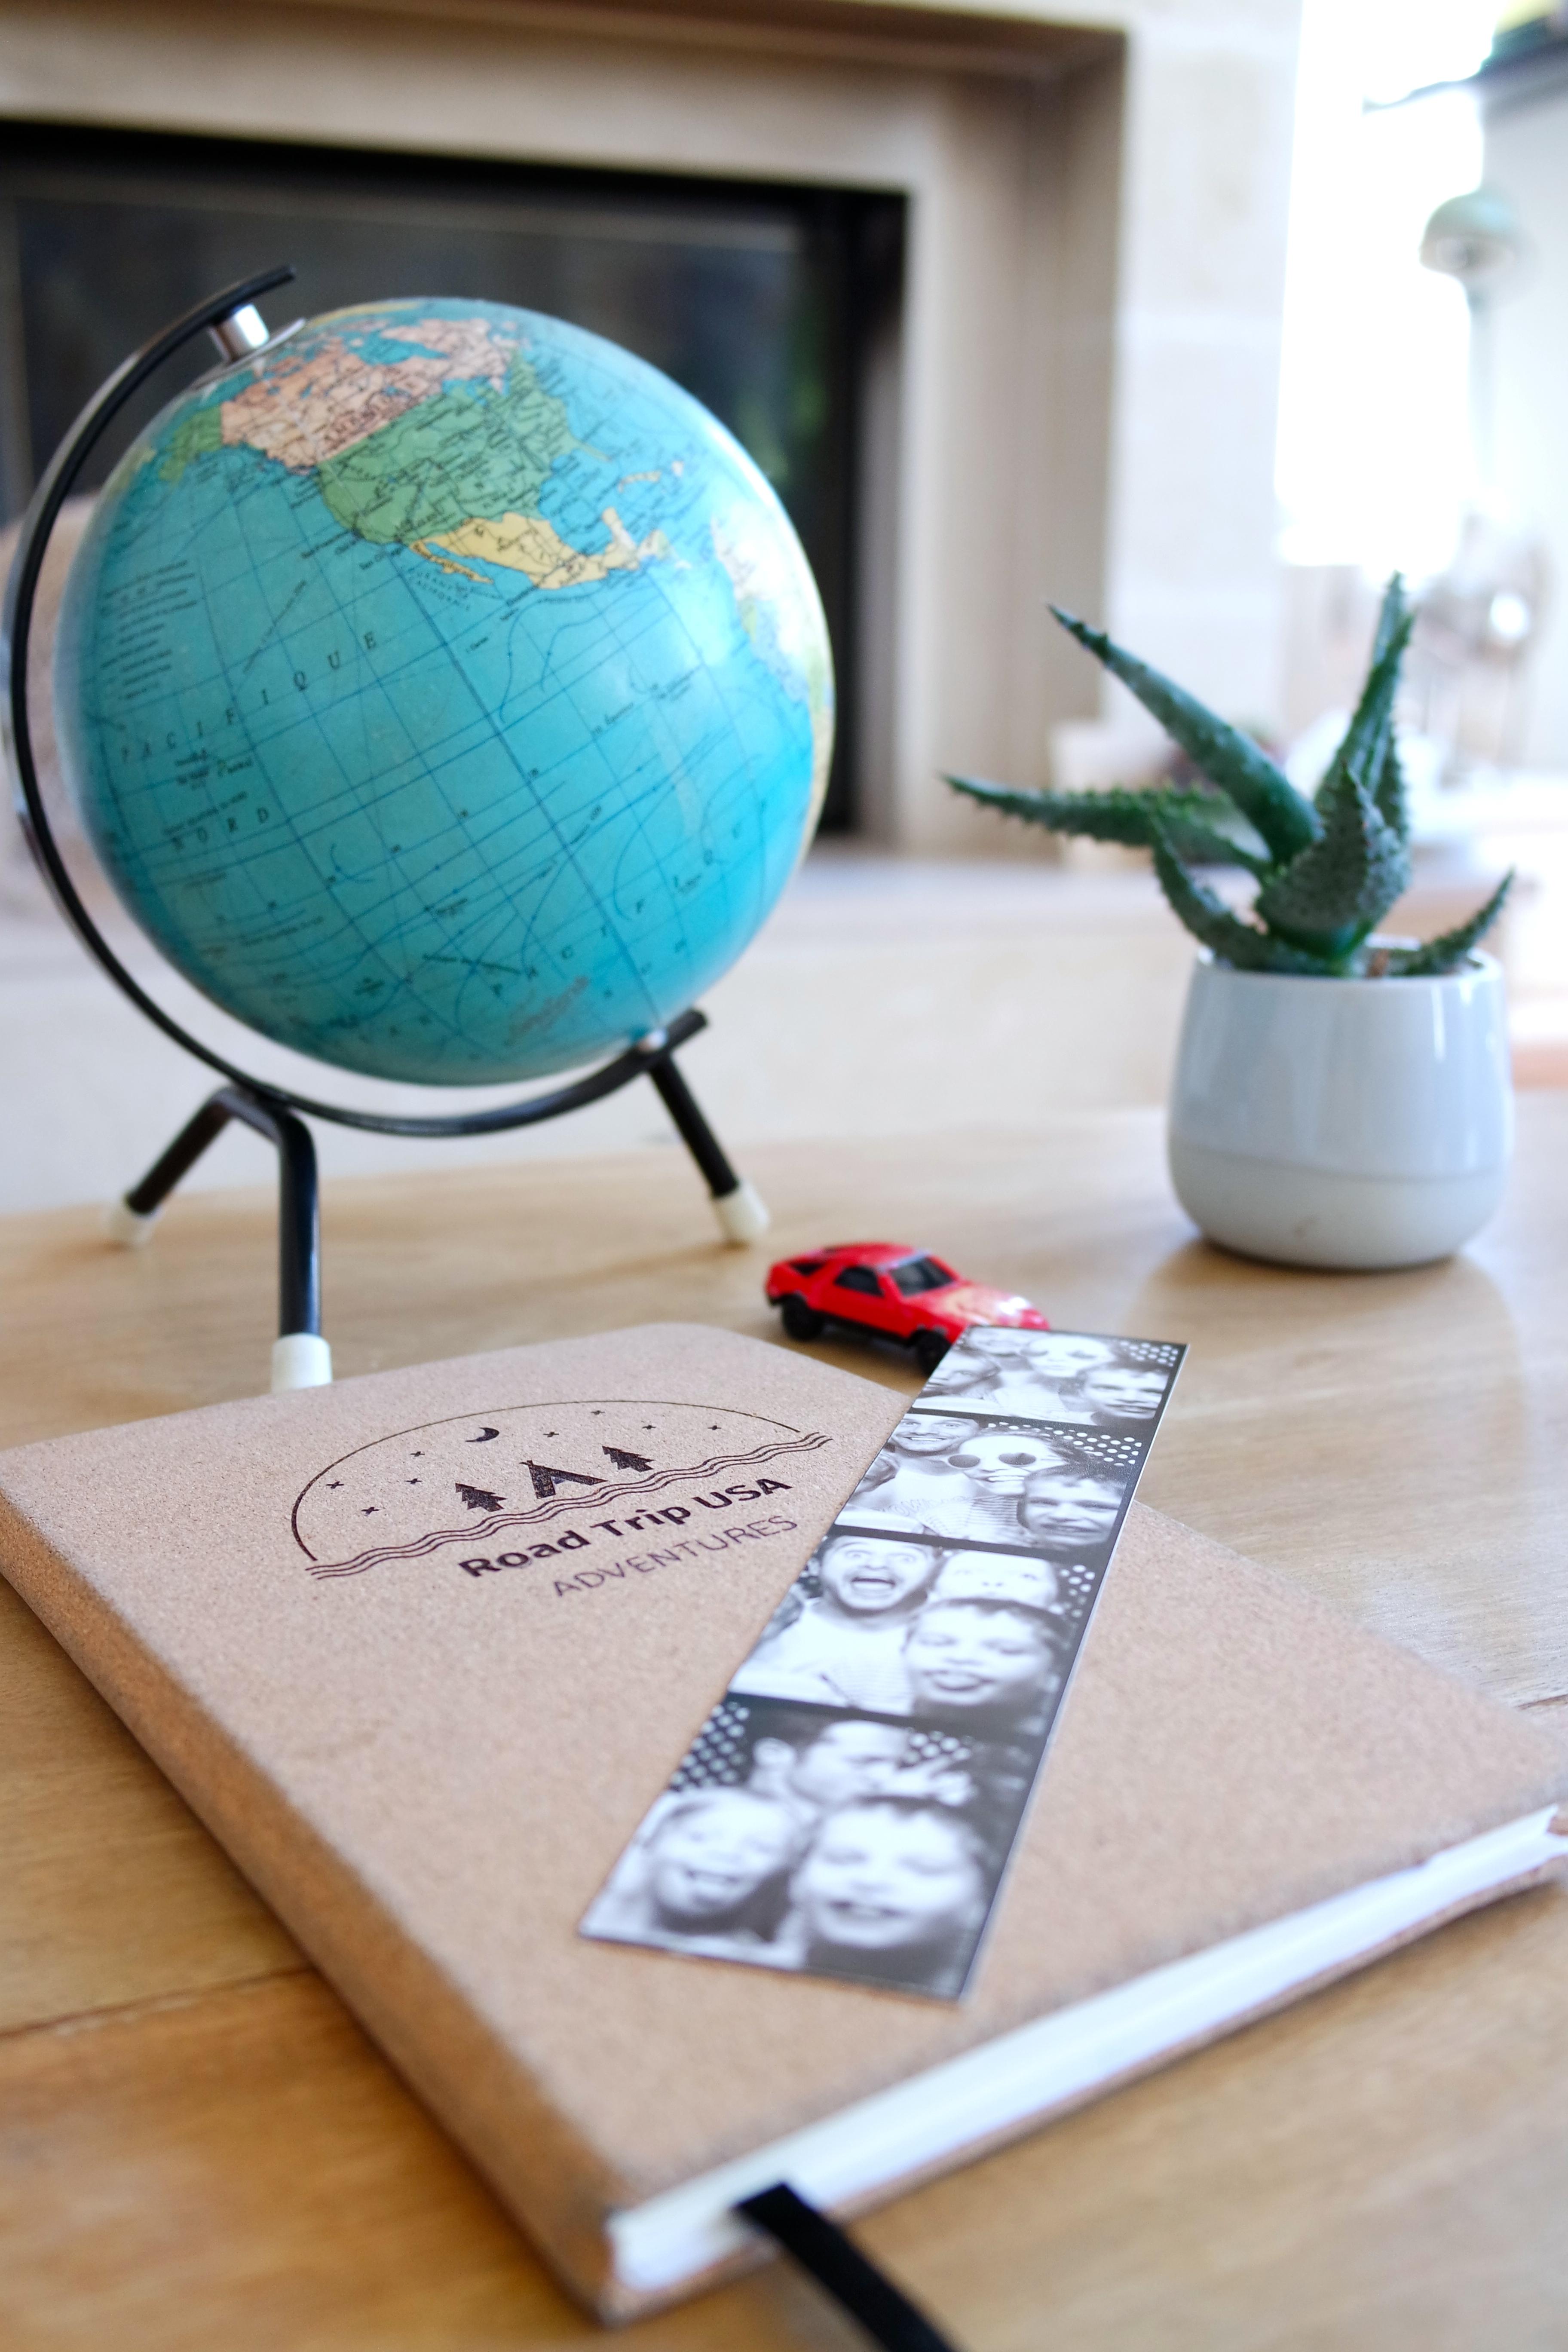 Notre road trip en famille dans l'ouest américain : notre itinéraire et quelques réponses à vos questions